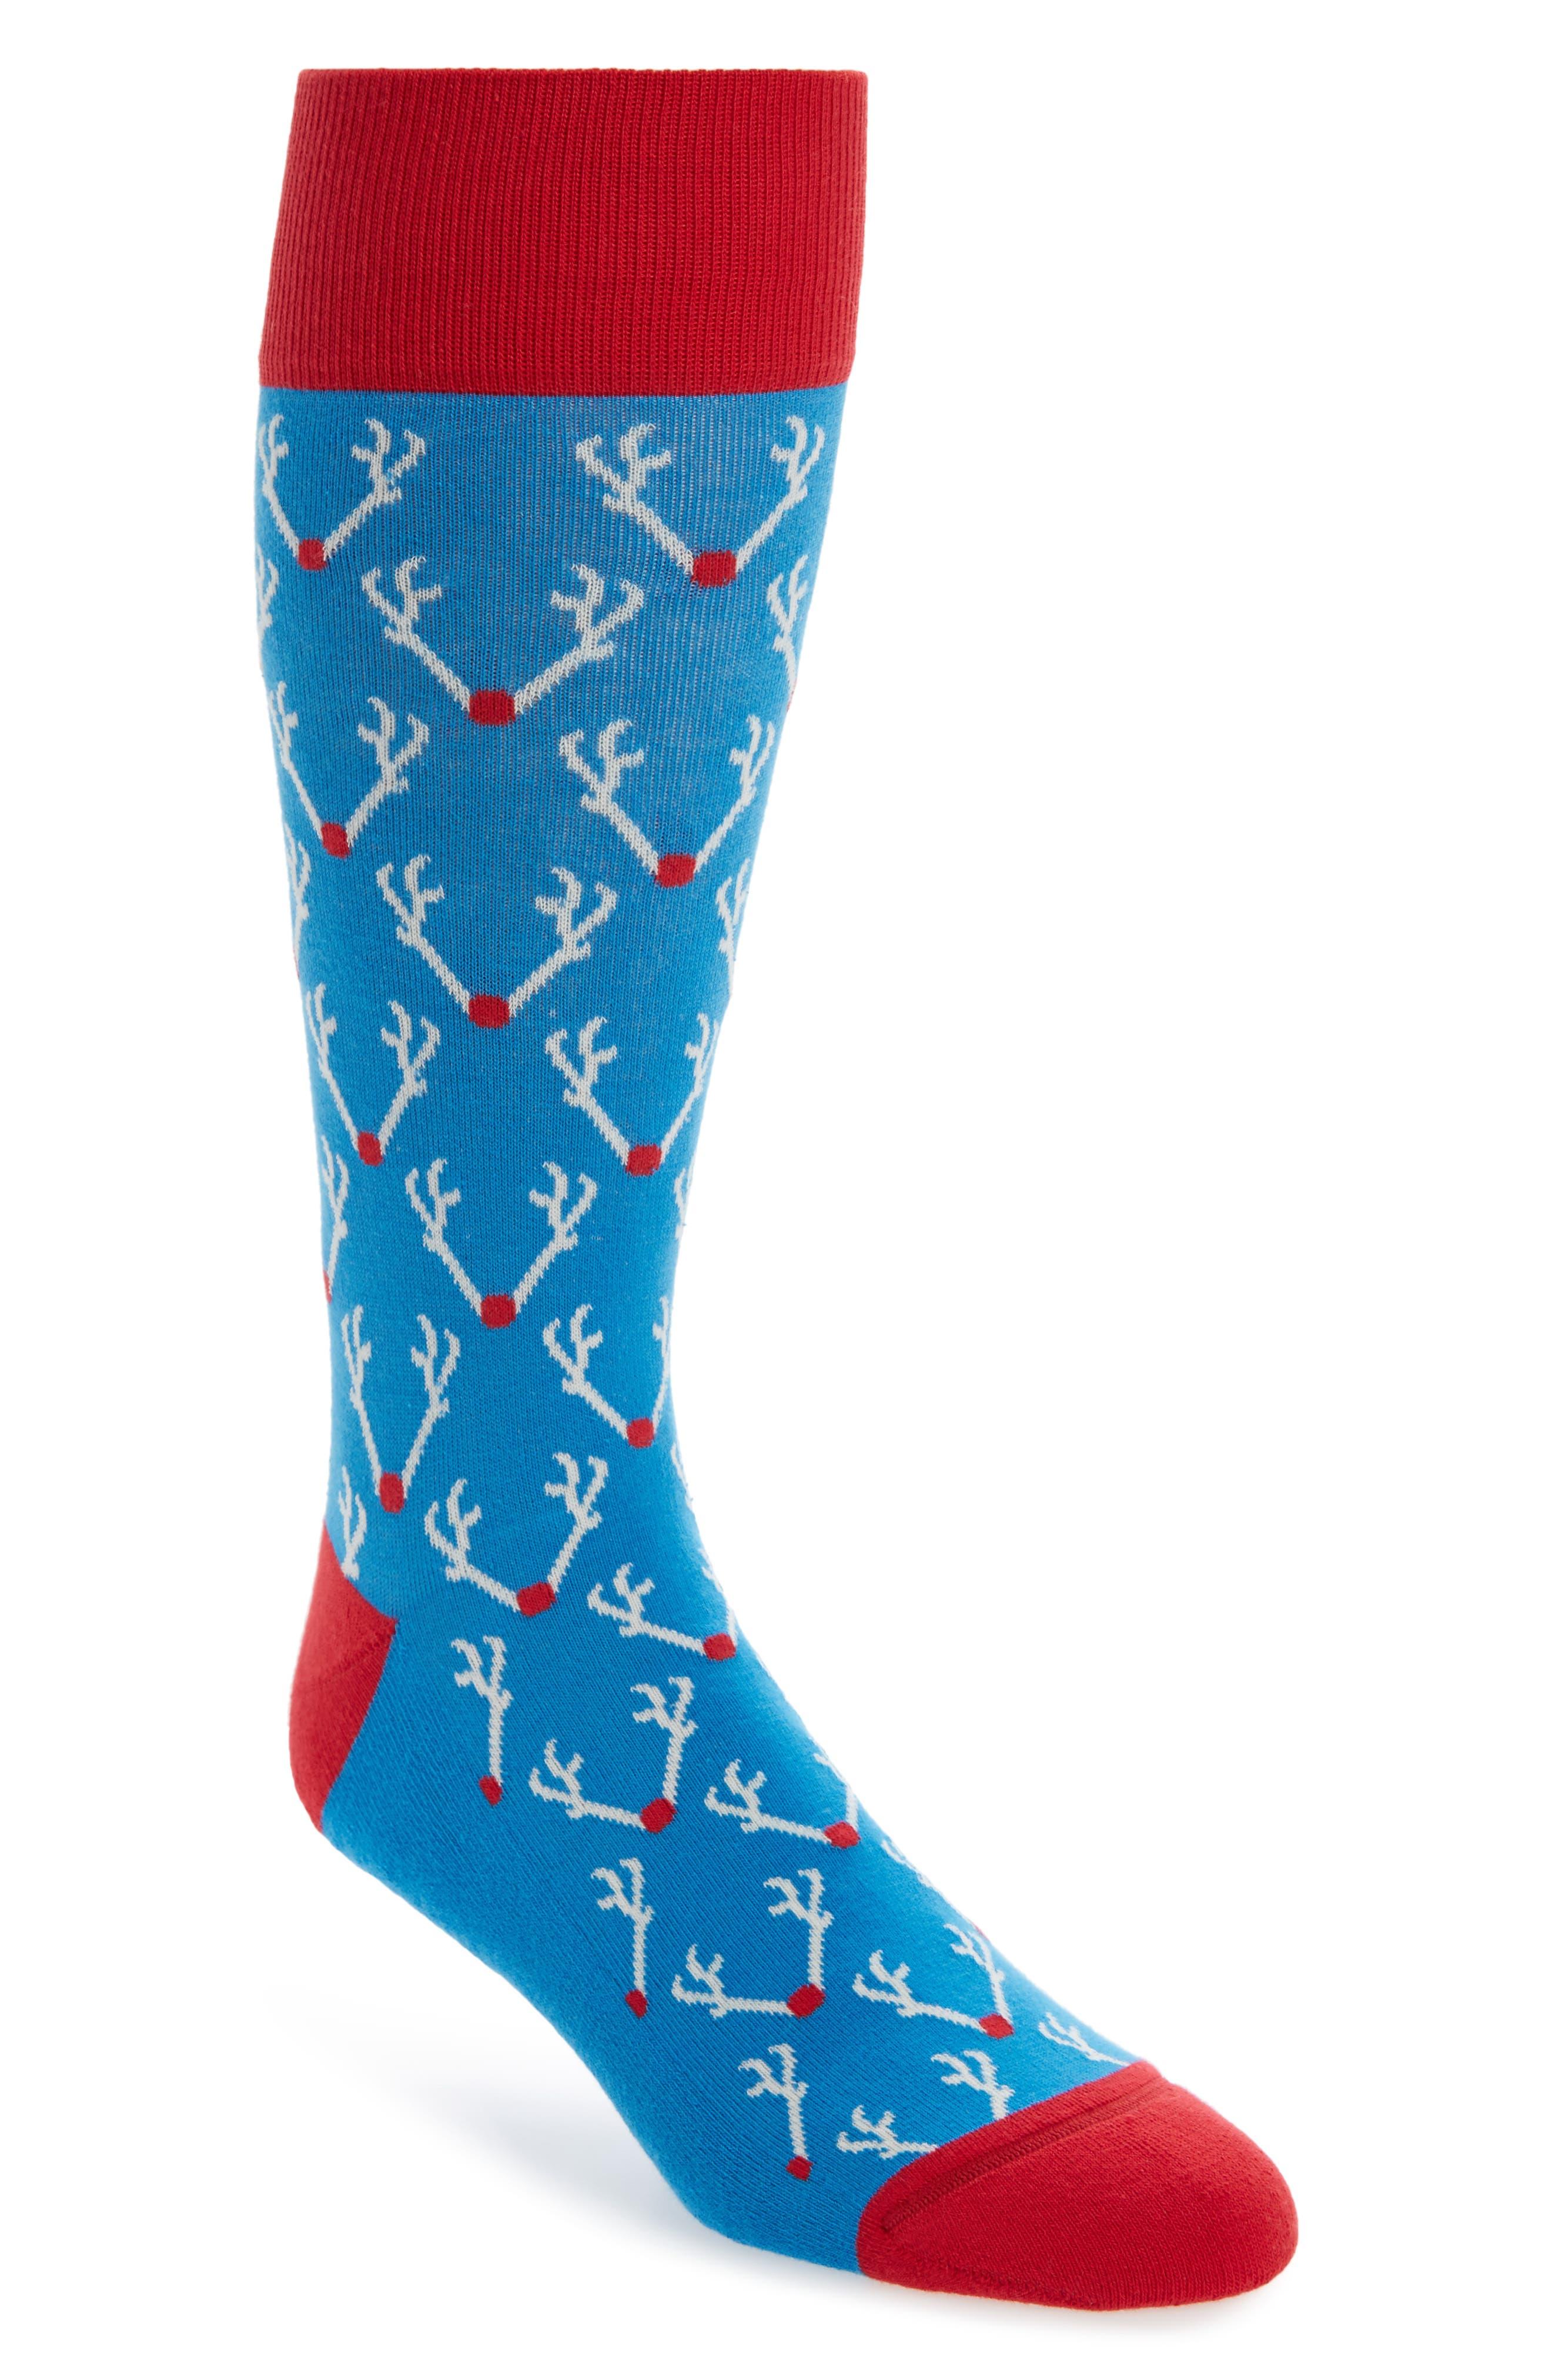 Holiday Antlers Socks,                             Main thumbnail 1, color,                             420